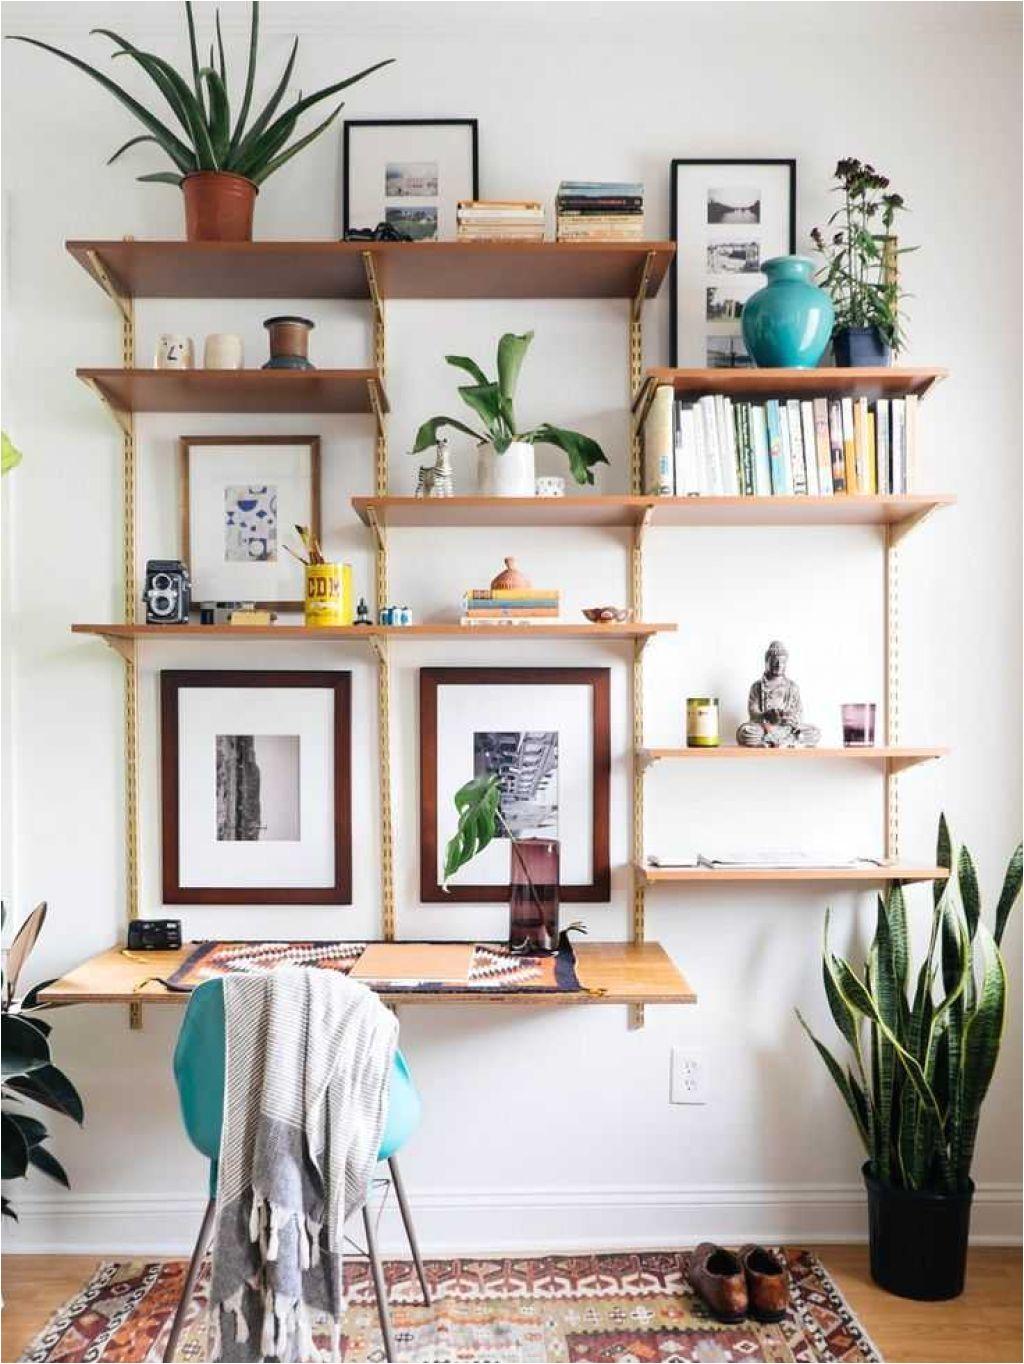 Bedroom Storage Units Best 10 Diy Storage Shelves for Bedroom Tips